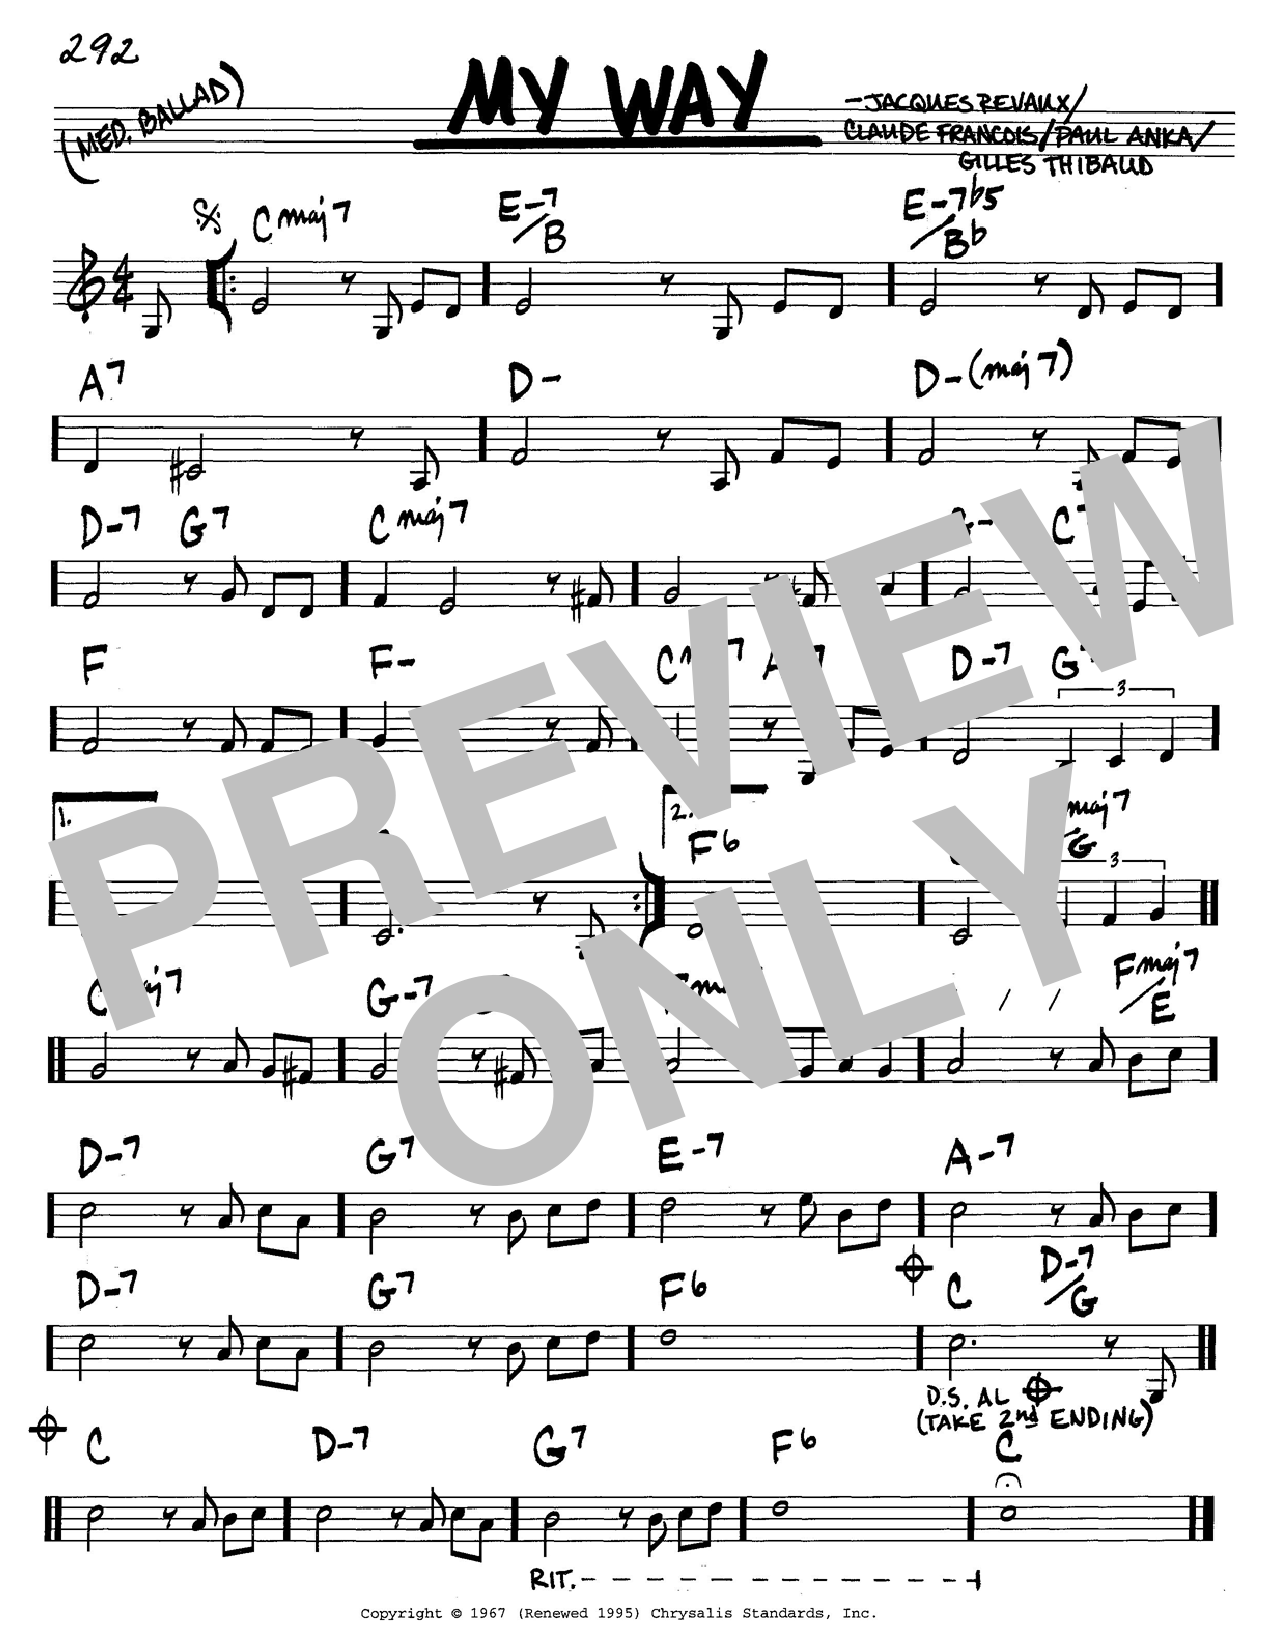 Paul Anka My Way Sheet Music Notes Chords Printable Jazz Real